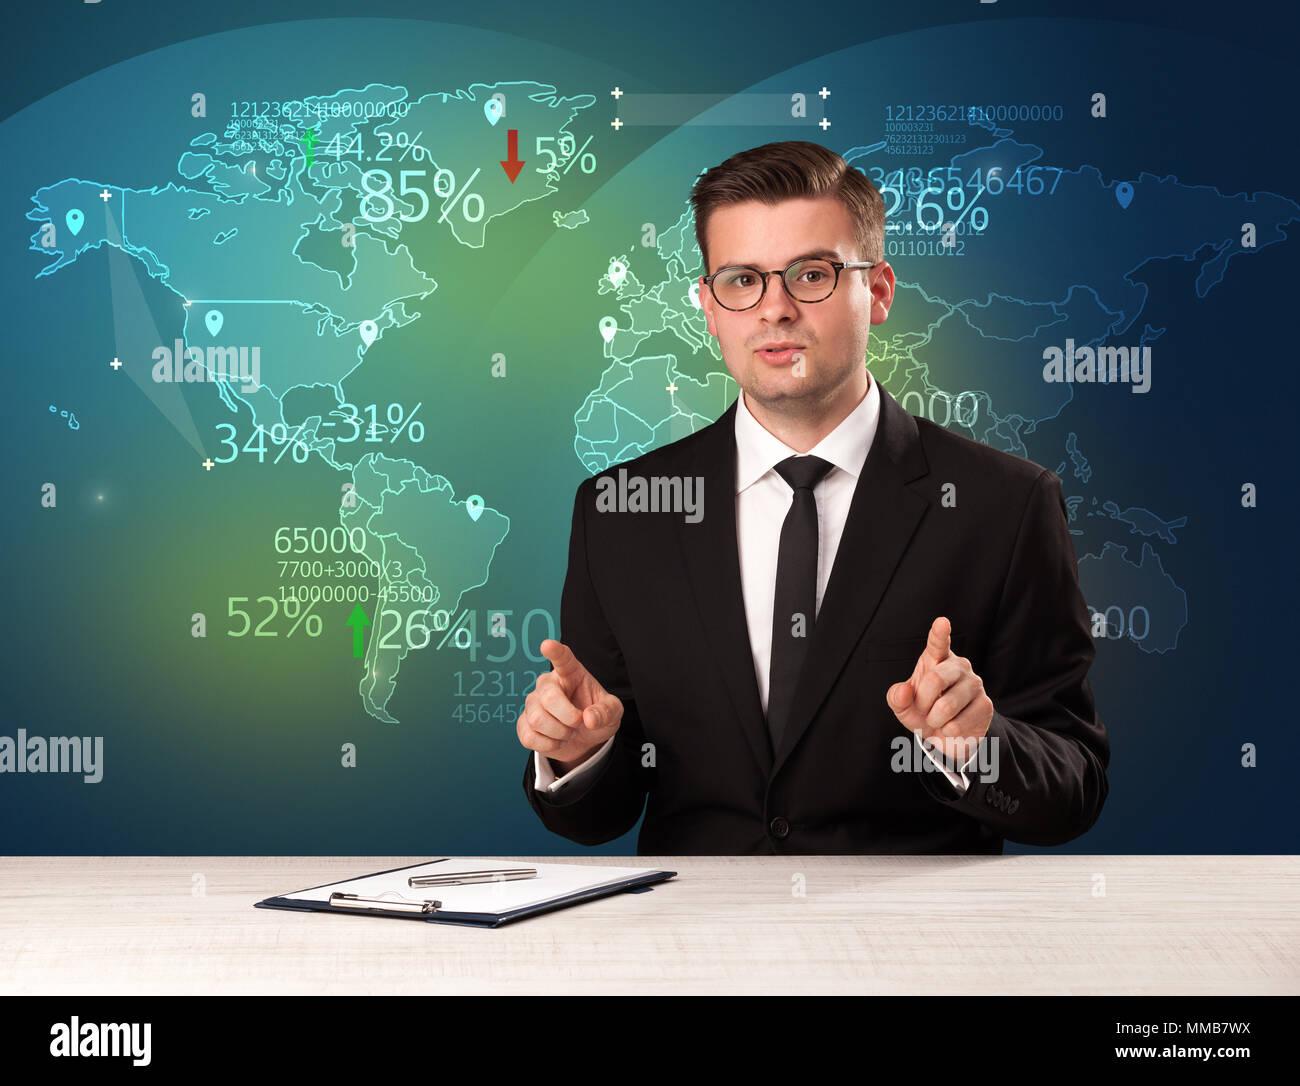 Handel Marktanalyst ist Studio Berichterstattung World Trading News mit Karte Konzept im Hintergrund Stockbild